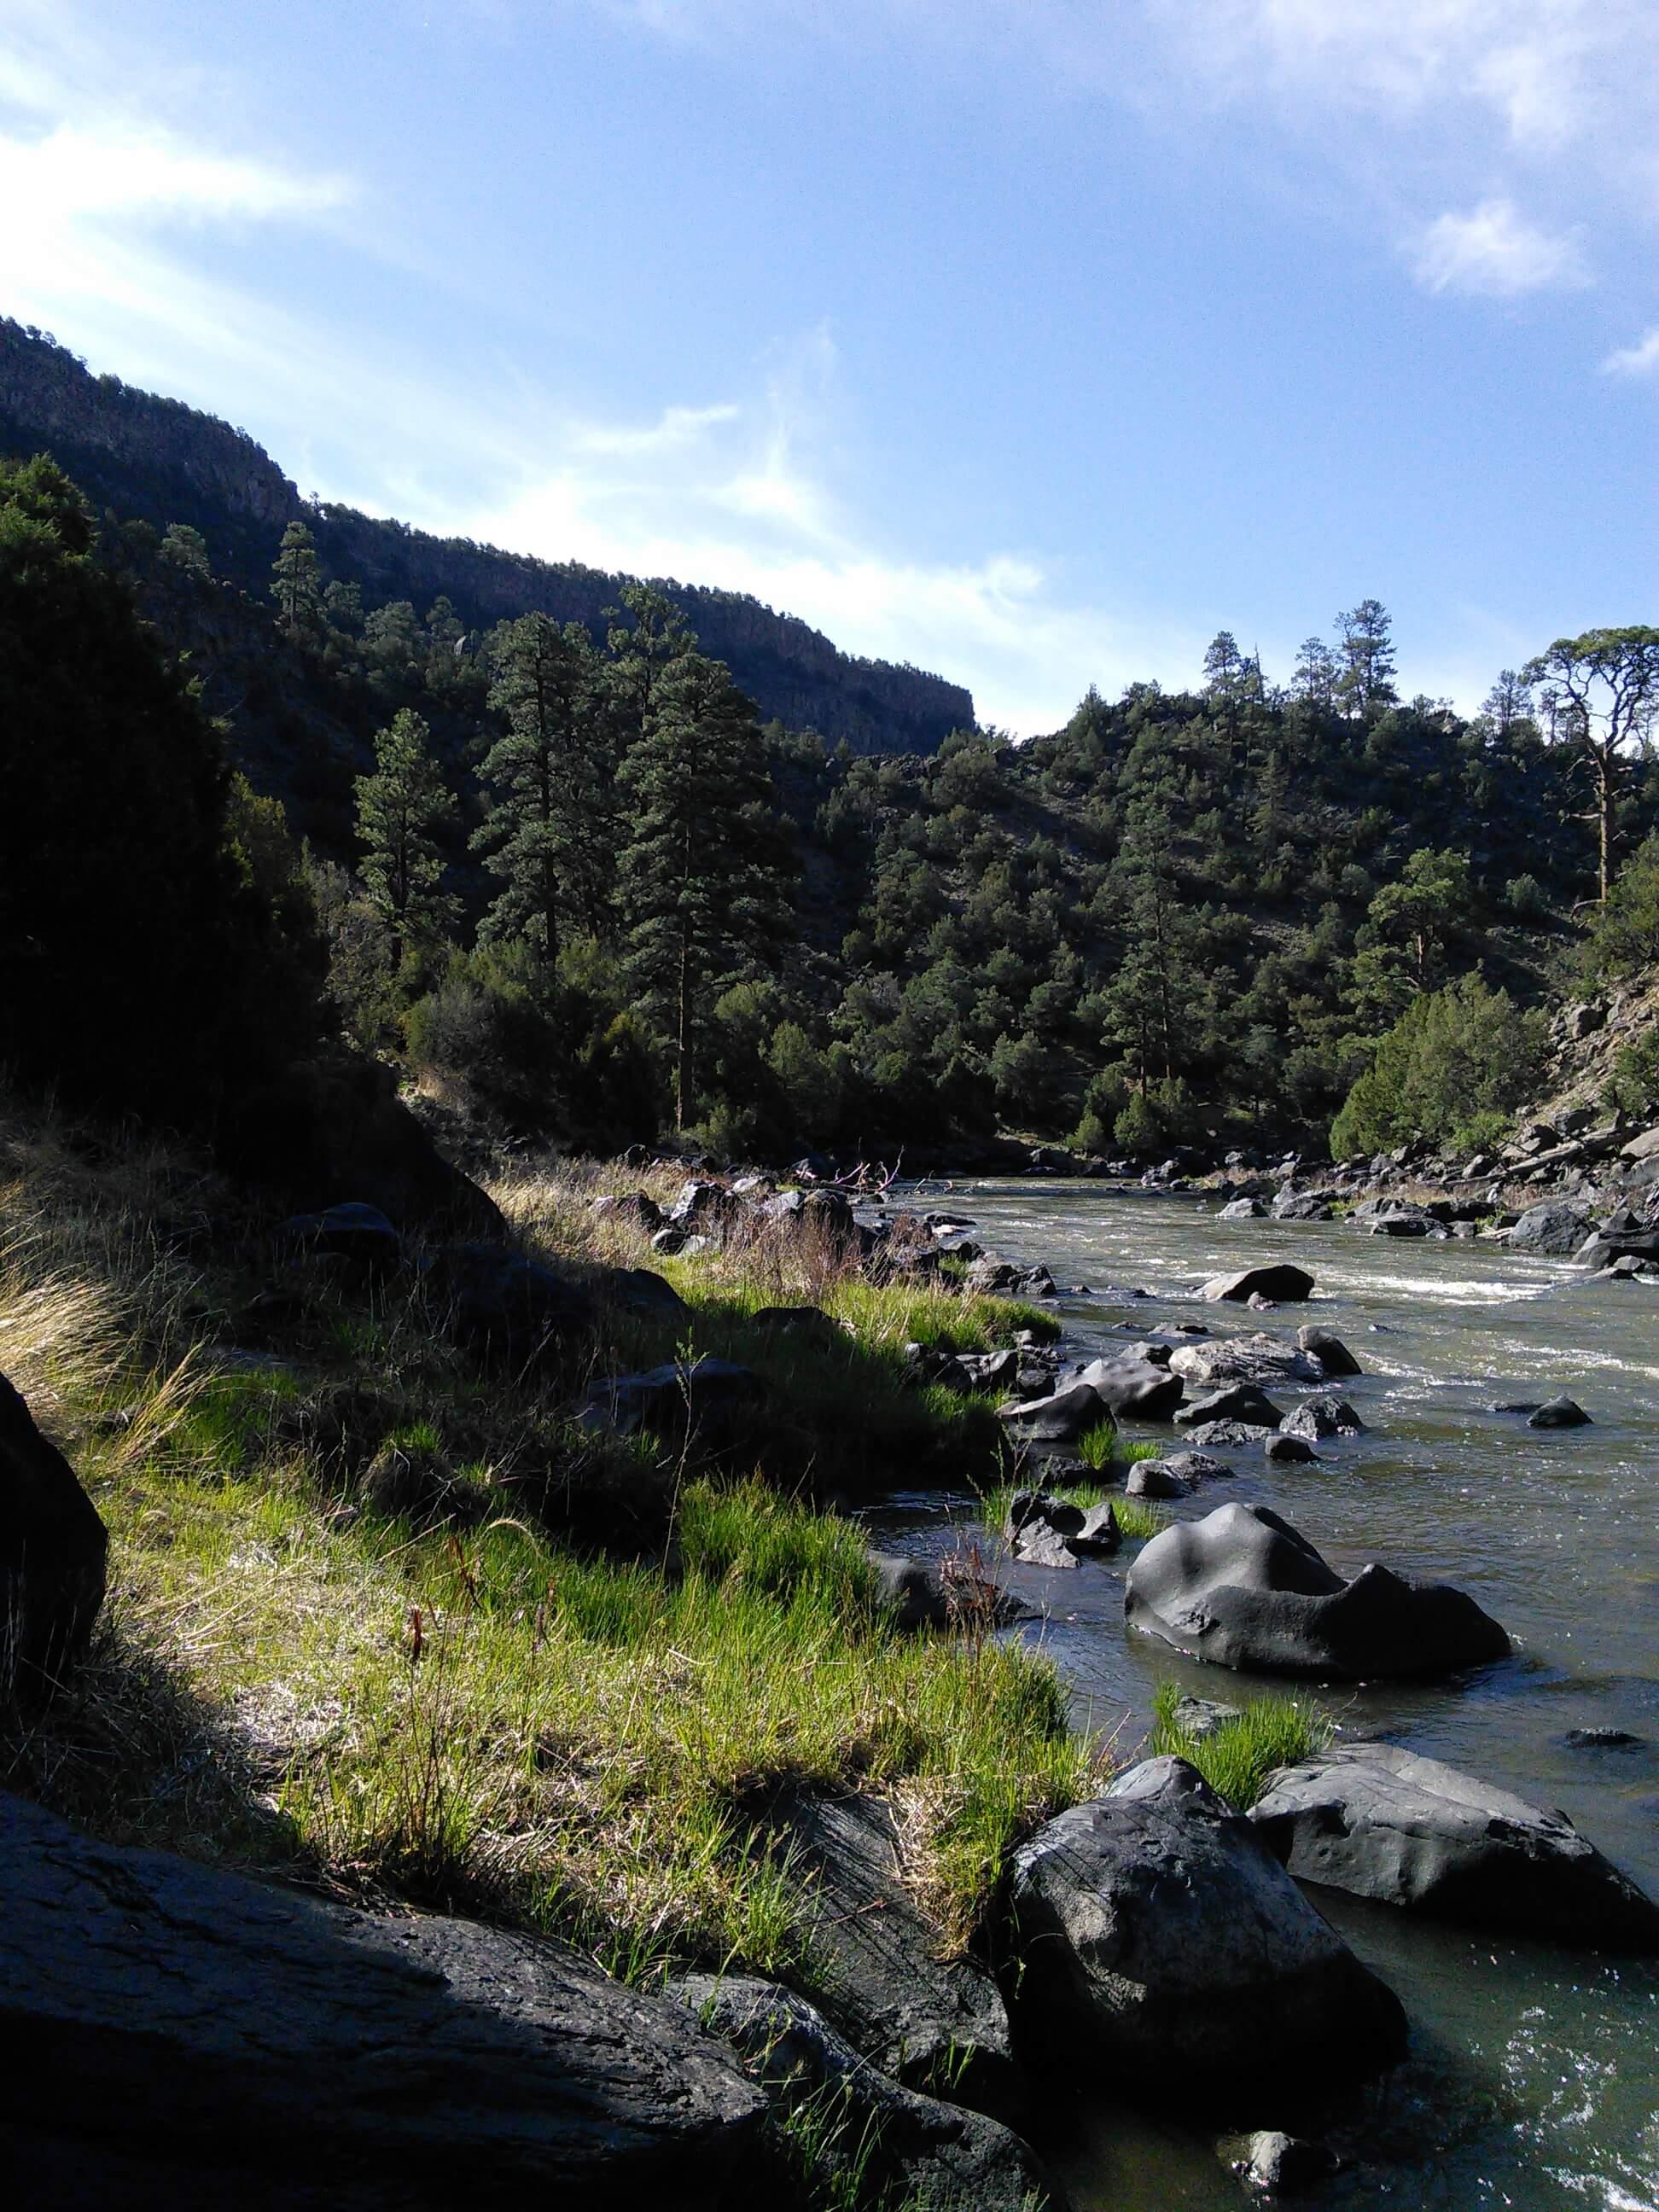 Rio Grande River, NM